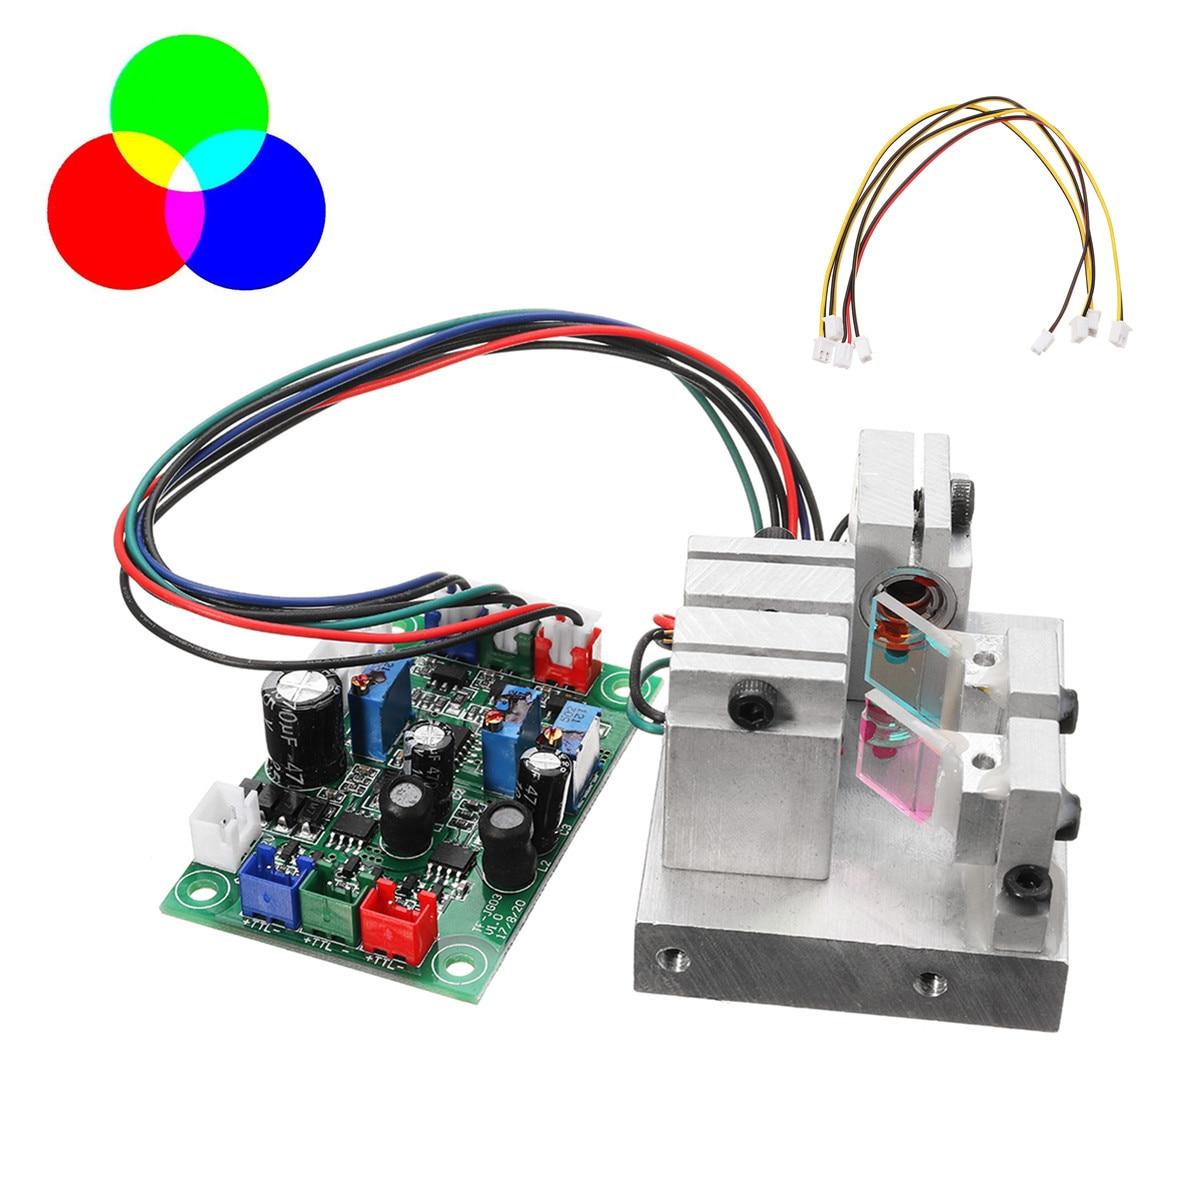 Blanc Laser Module RGB 300 mW 638nm + 520nm + 450nm Avec TTL Pilote Conseil Modulation Température Protection Précision Science